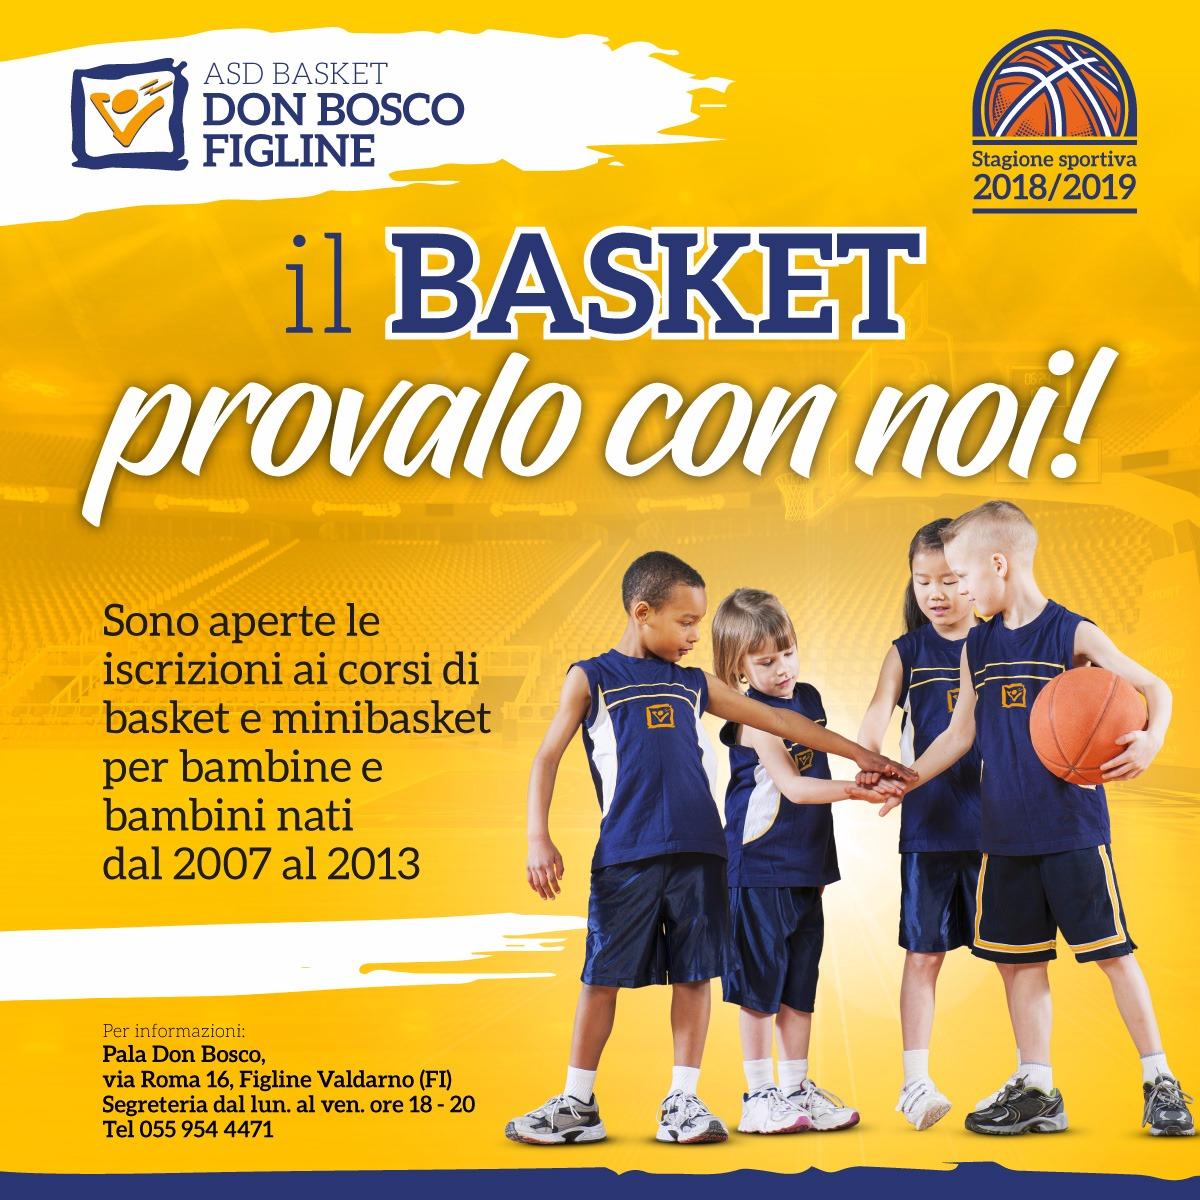 Asd Basket Don Bosco Iscrizioni Sfondo 2018 2019 Volantino